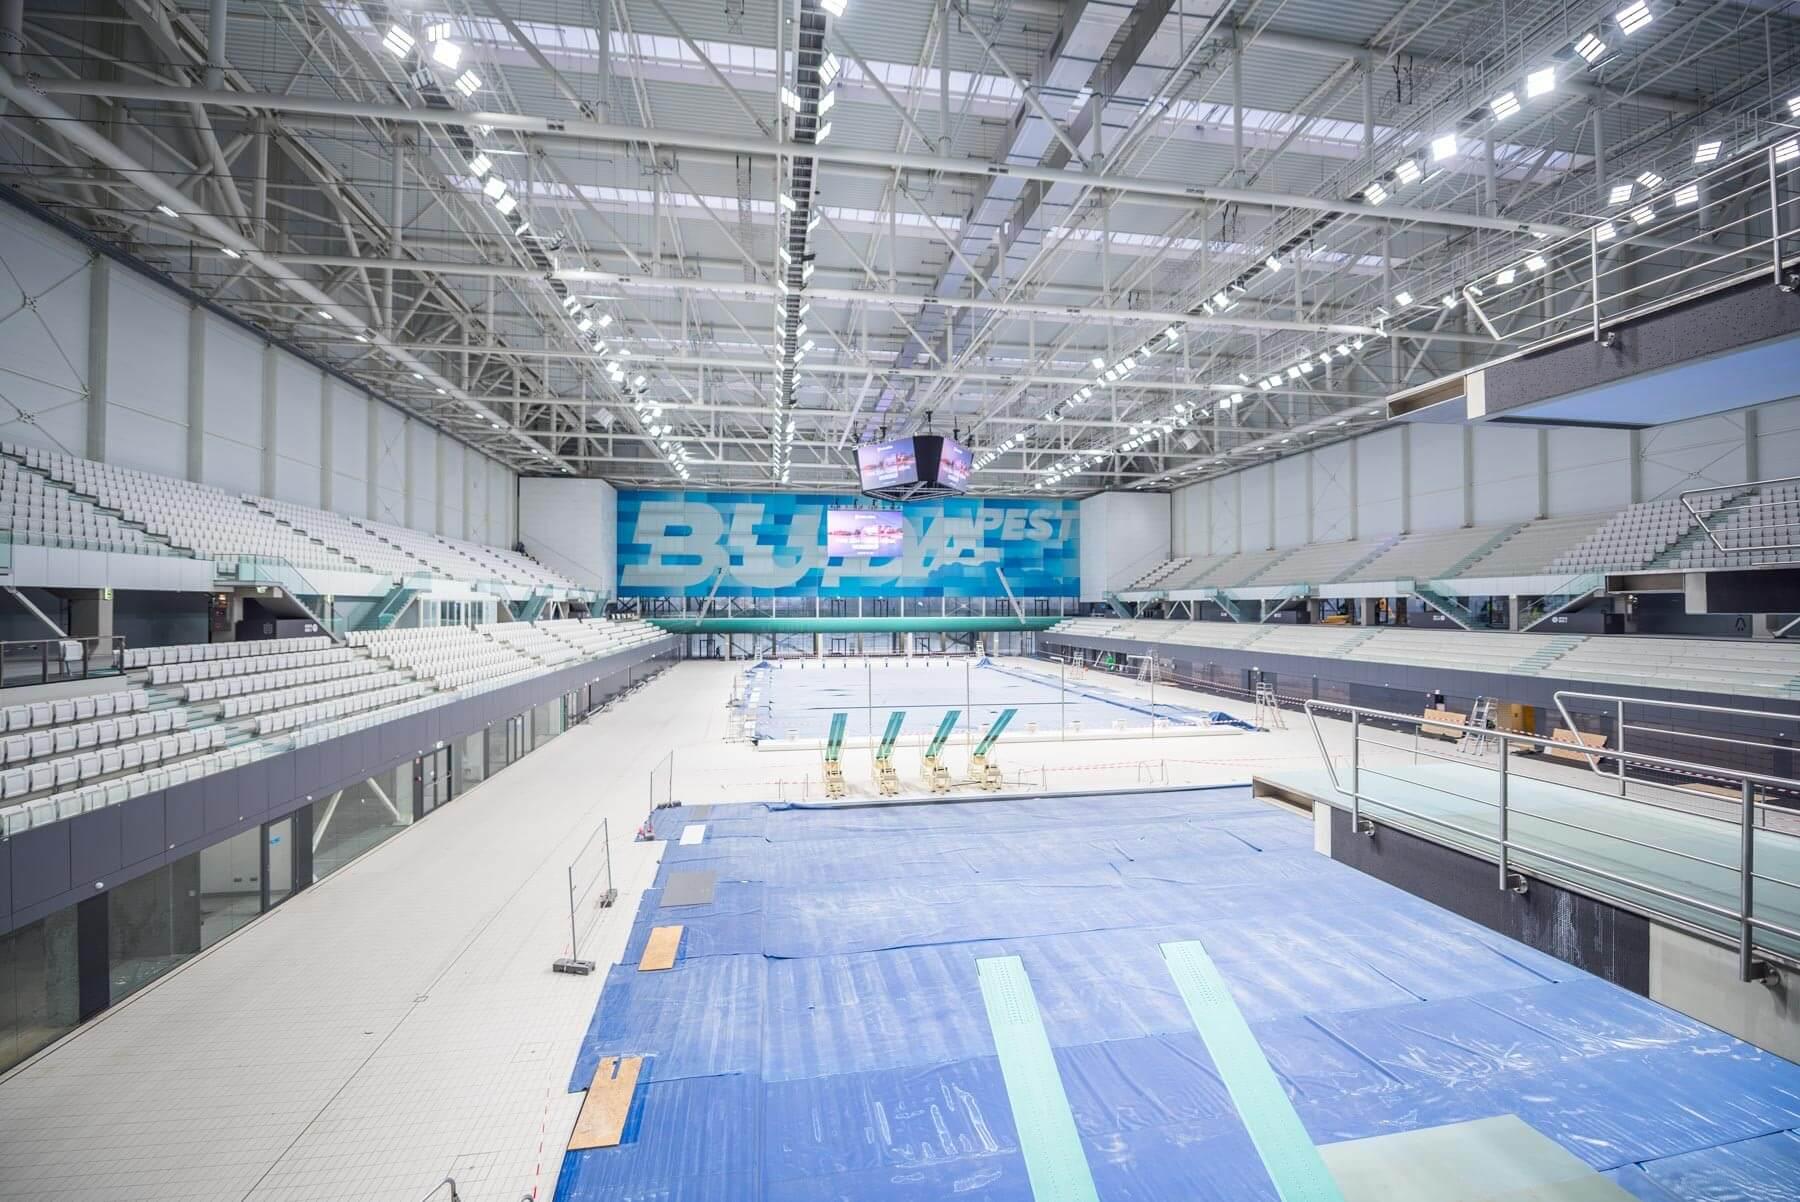 A Duna Aréna a minta a párizsi olimpiai uszoda felépítéséhez ... 4be2e4fb9e